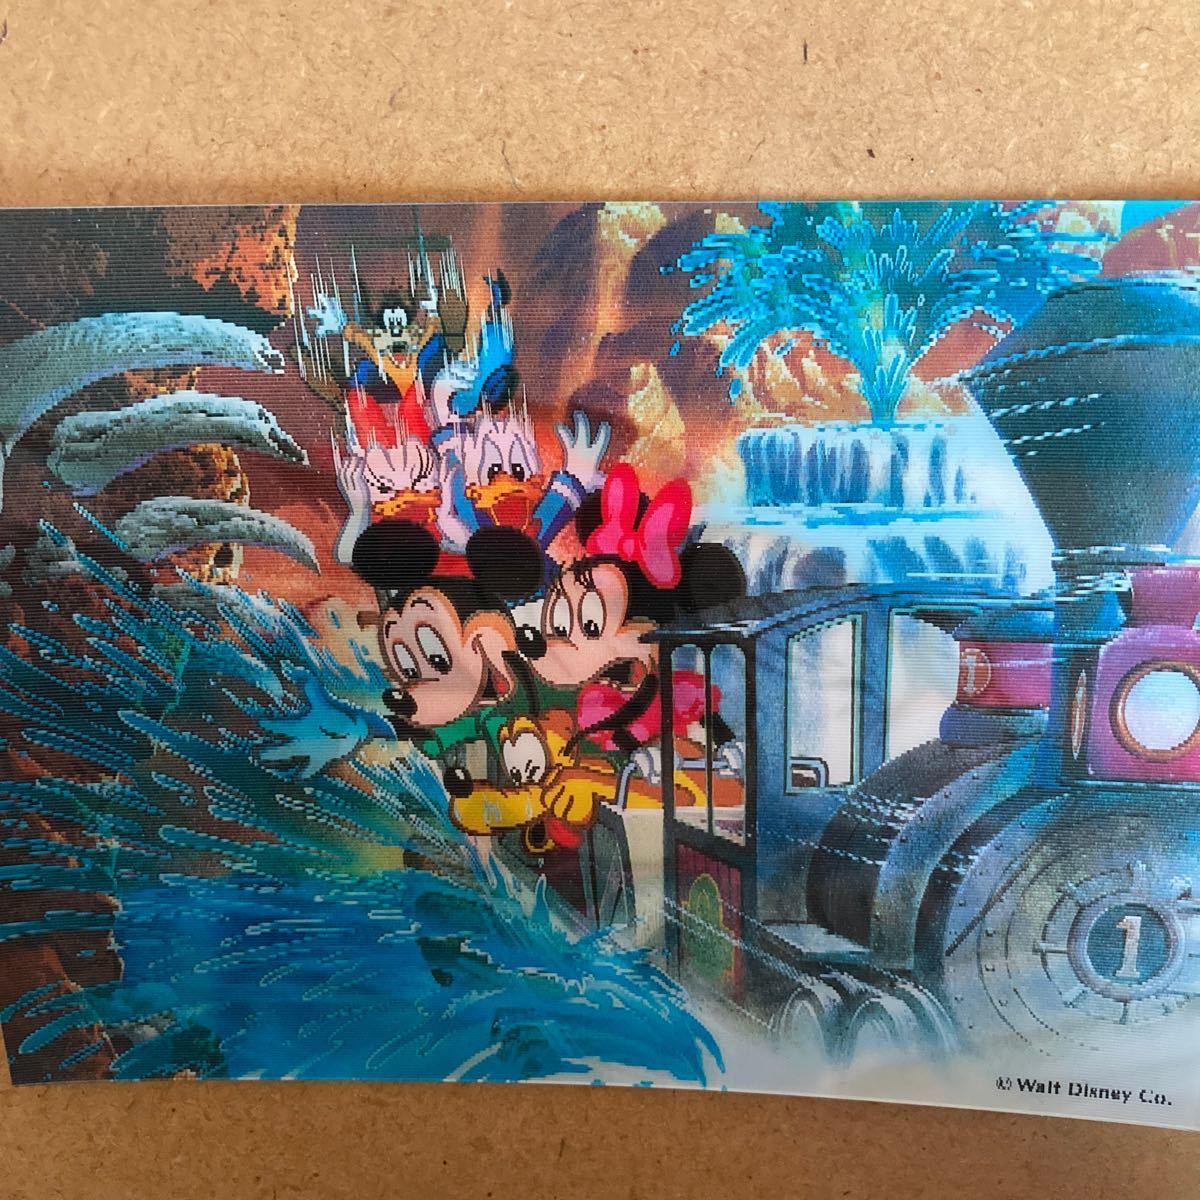 値下げ!レア!東京ディズニーランド Tokyo Disneyland 3Dポストカード 葉書、ハガキ 未使用品 ミッキー&ミニー 送料120円_画像1